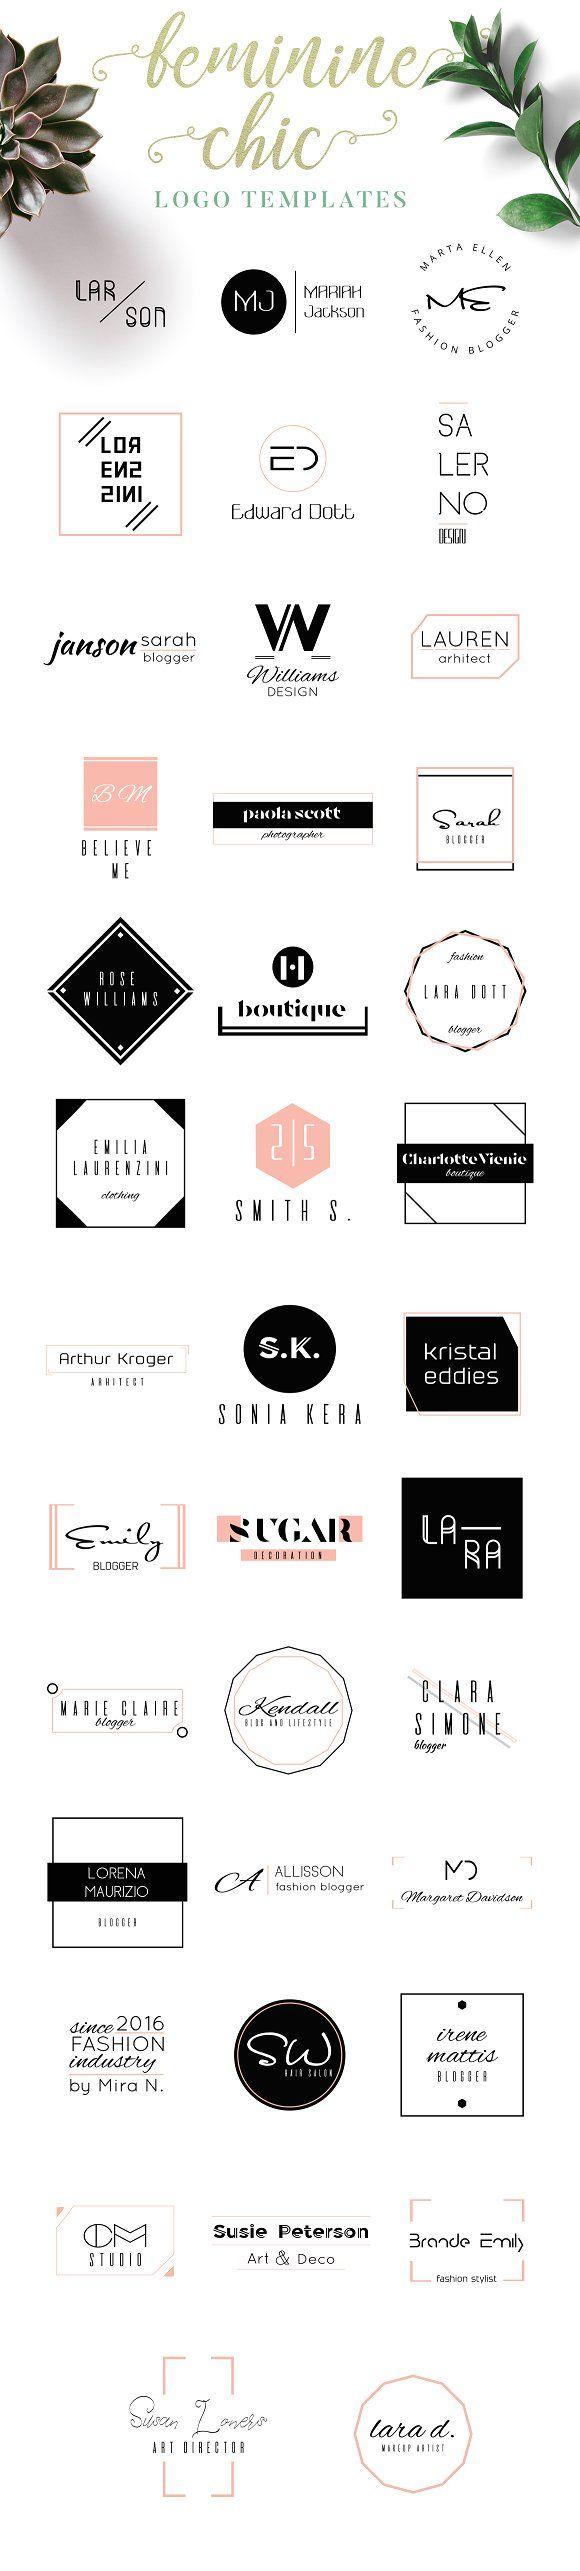 Feminine Chic Logo Templates   Komode, Visitenkarten und Impressionen